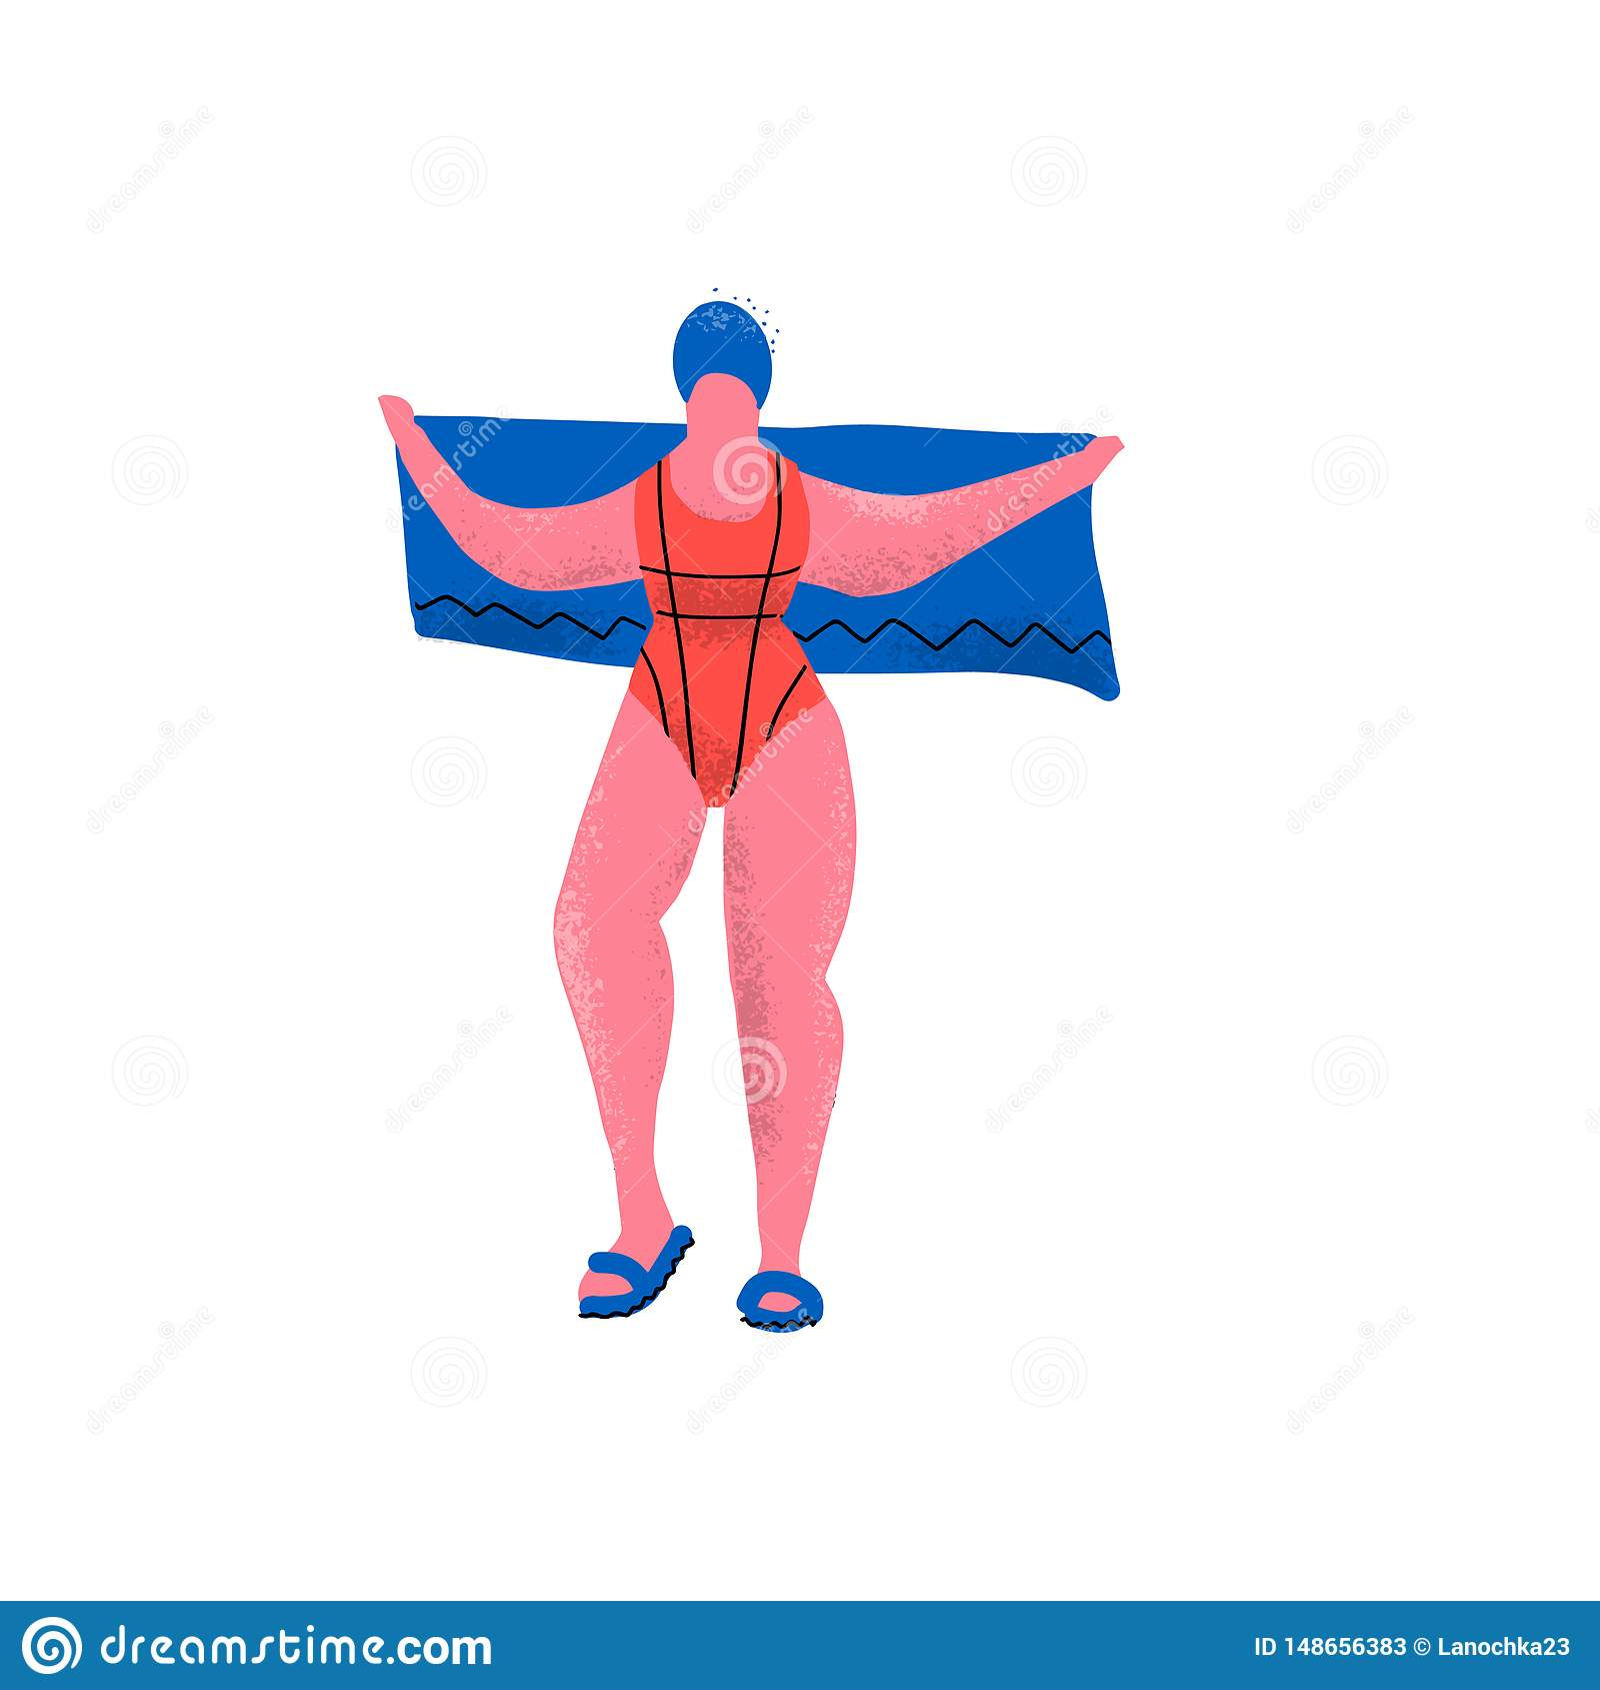 Dziewczyn rzeczy dla basenu i p?ywaczka: swimsuit, r?cznikowej i p?ywackiej nakr?tka, ?mieszny plus wielko?ciowa kobieta w trzepn